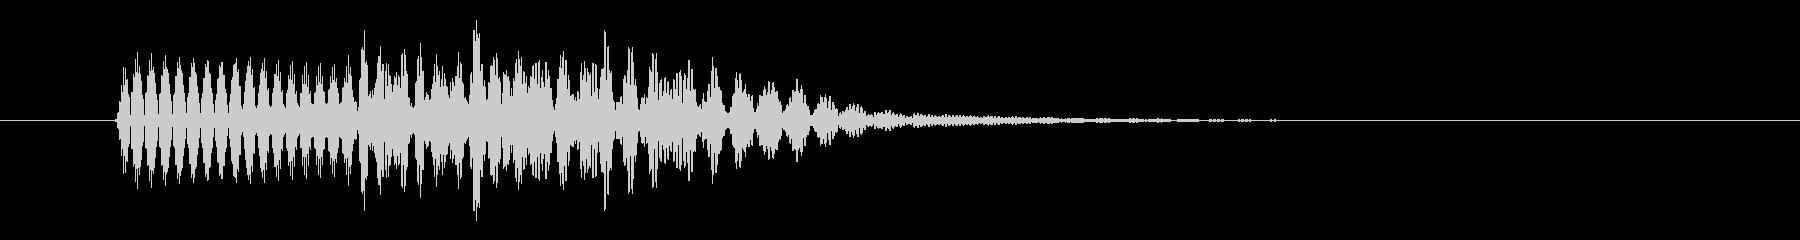 ピロリ キャンセル音 01 低音の未再生の波形